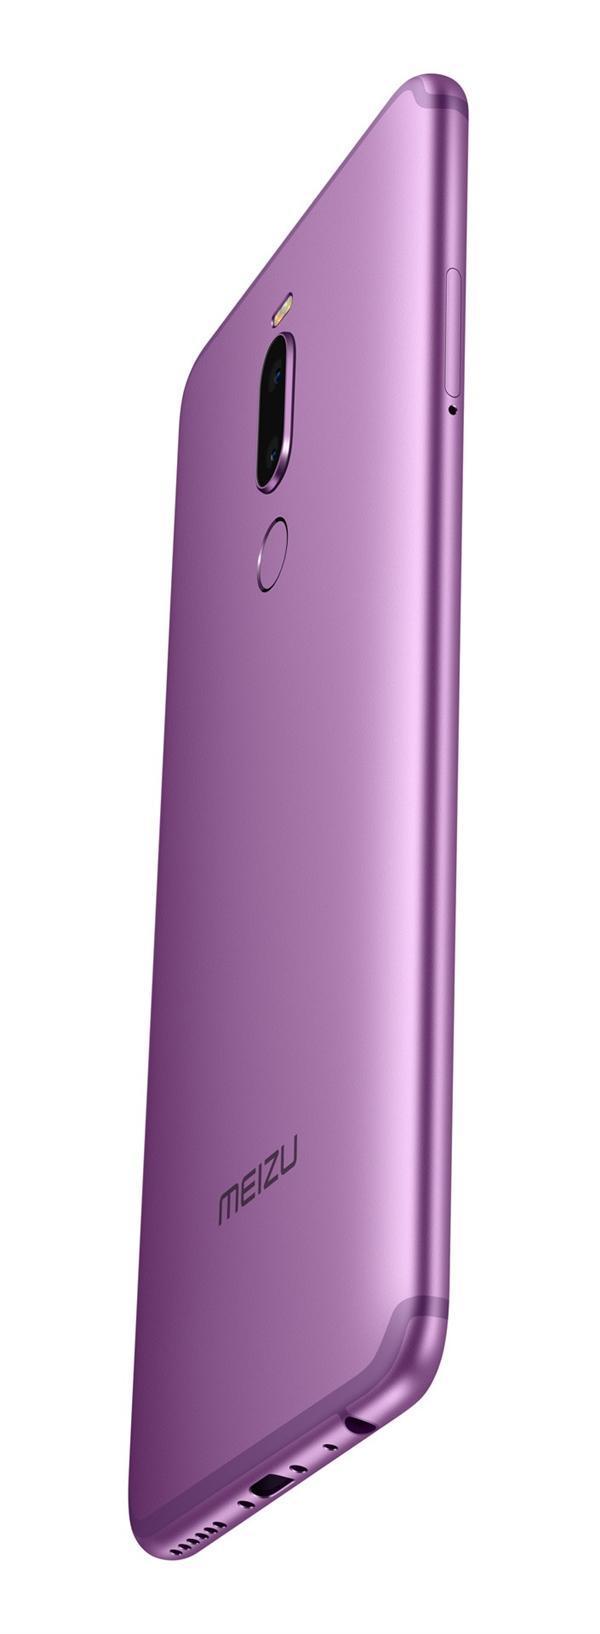 魅族Note 8官方图赏:黑蓝紫红四色齐飞的照片 - 37